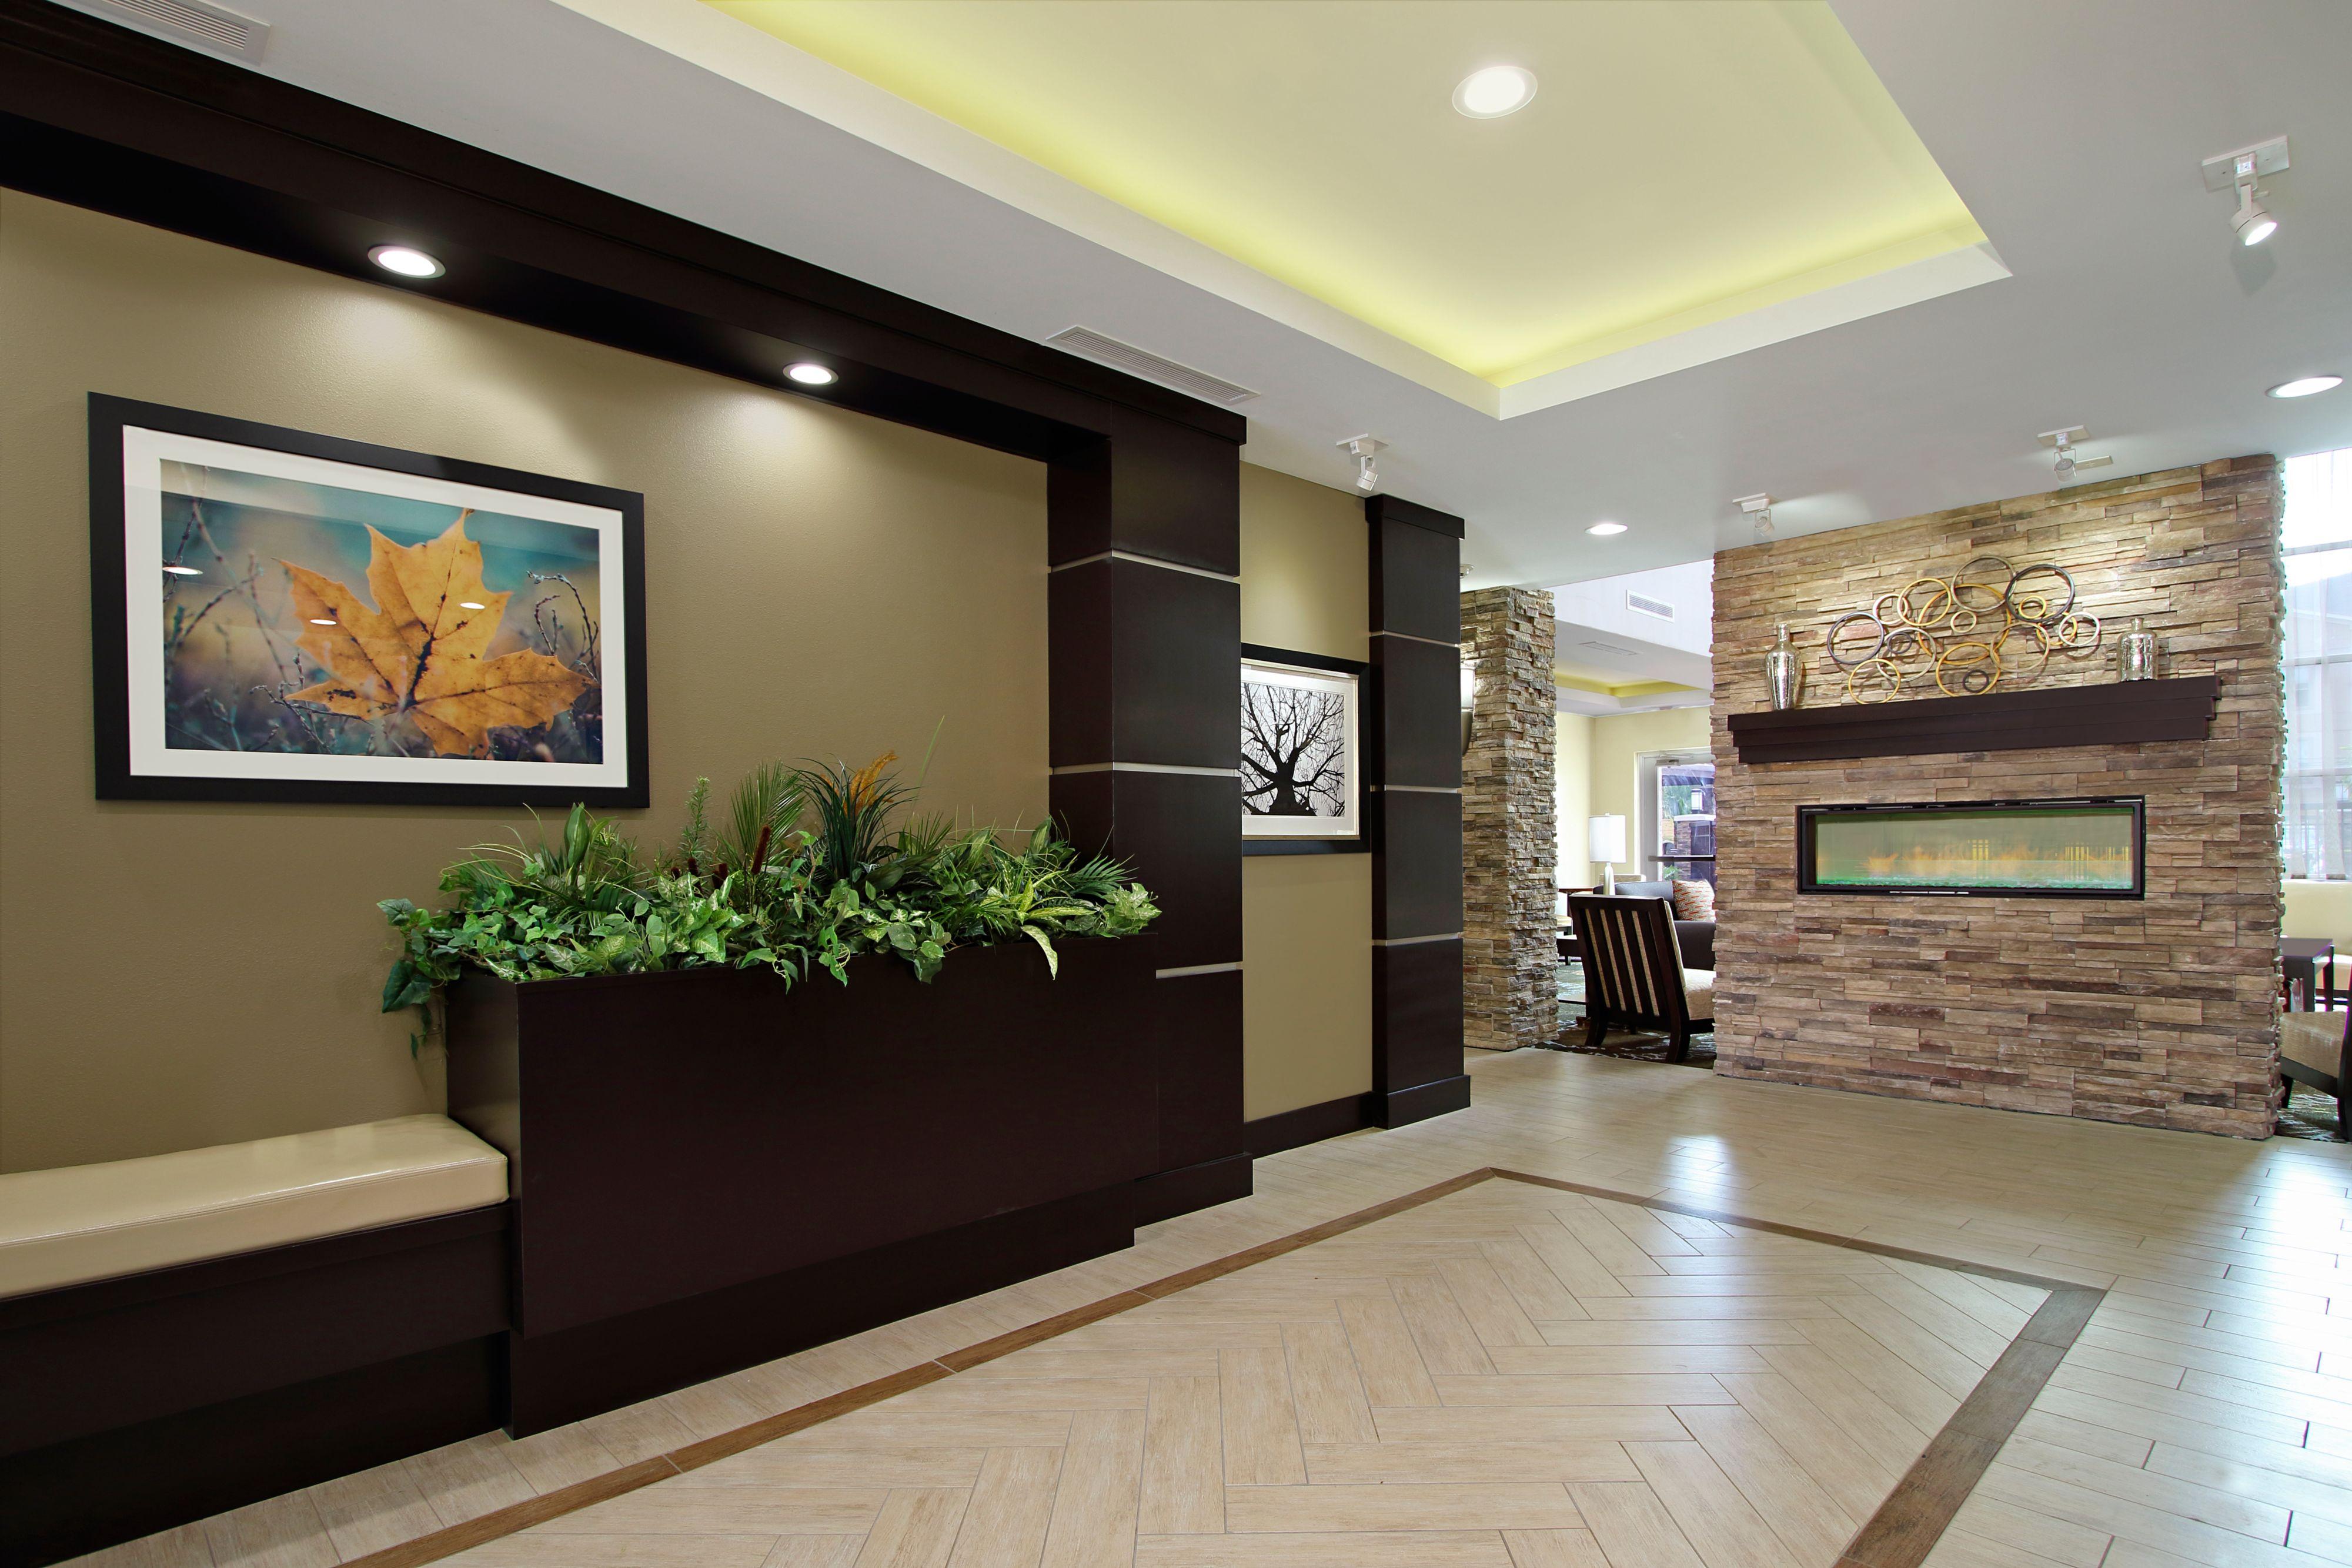 Staybridge Suites Houston W - Westchase Area image 5